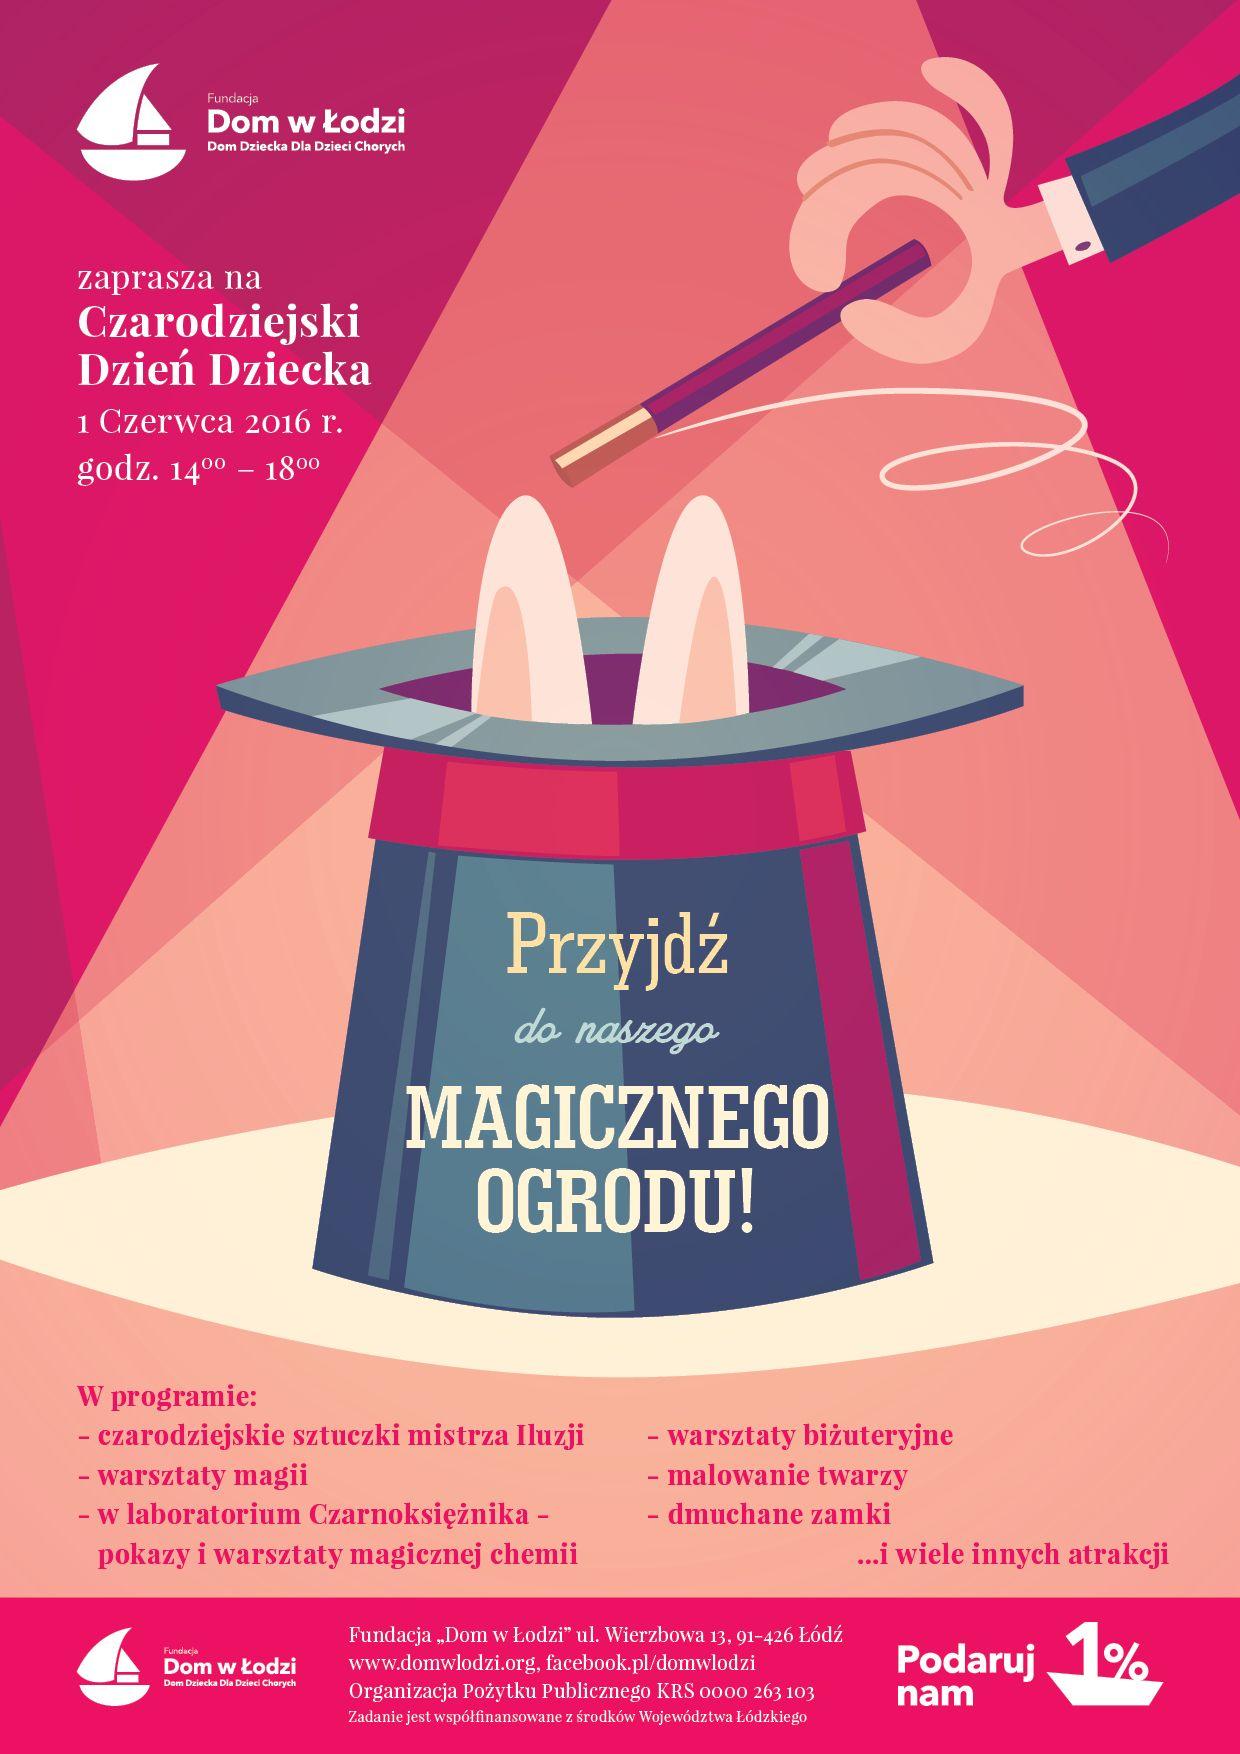 Plakat Dnia Dziecka z Fundacją Dom w Łodzi